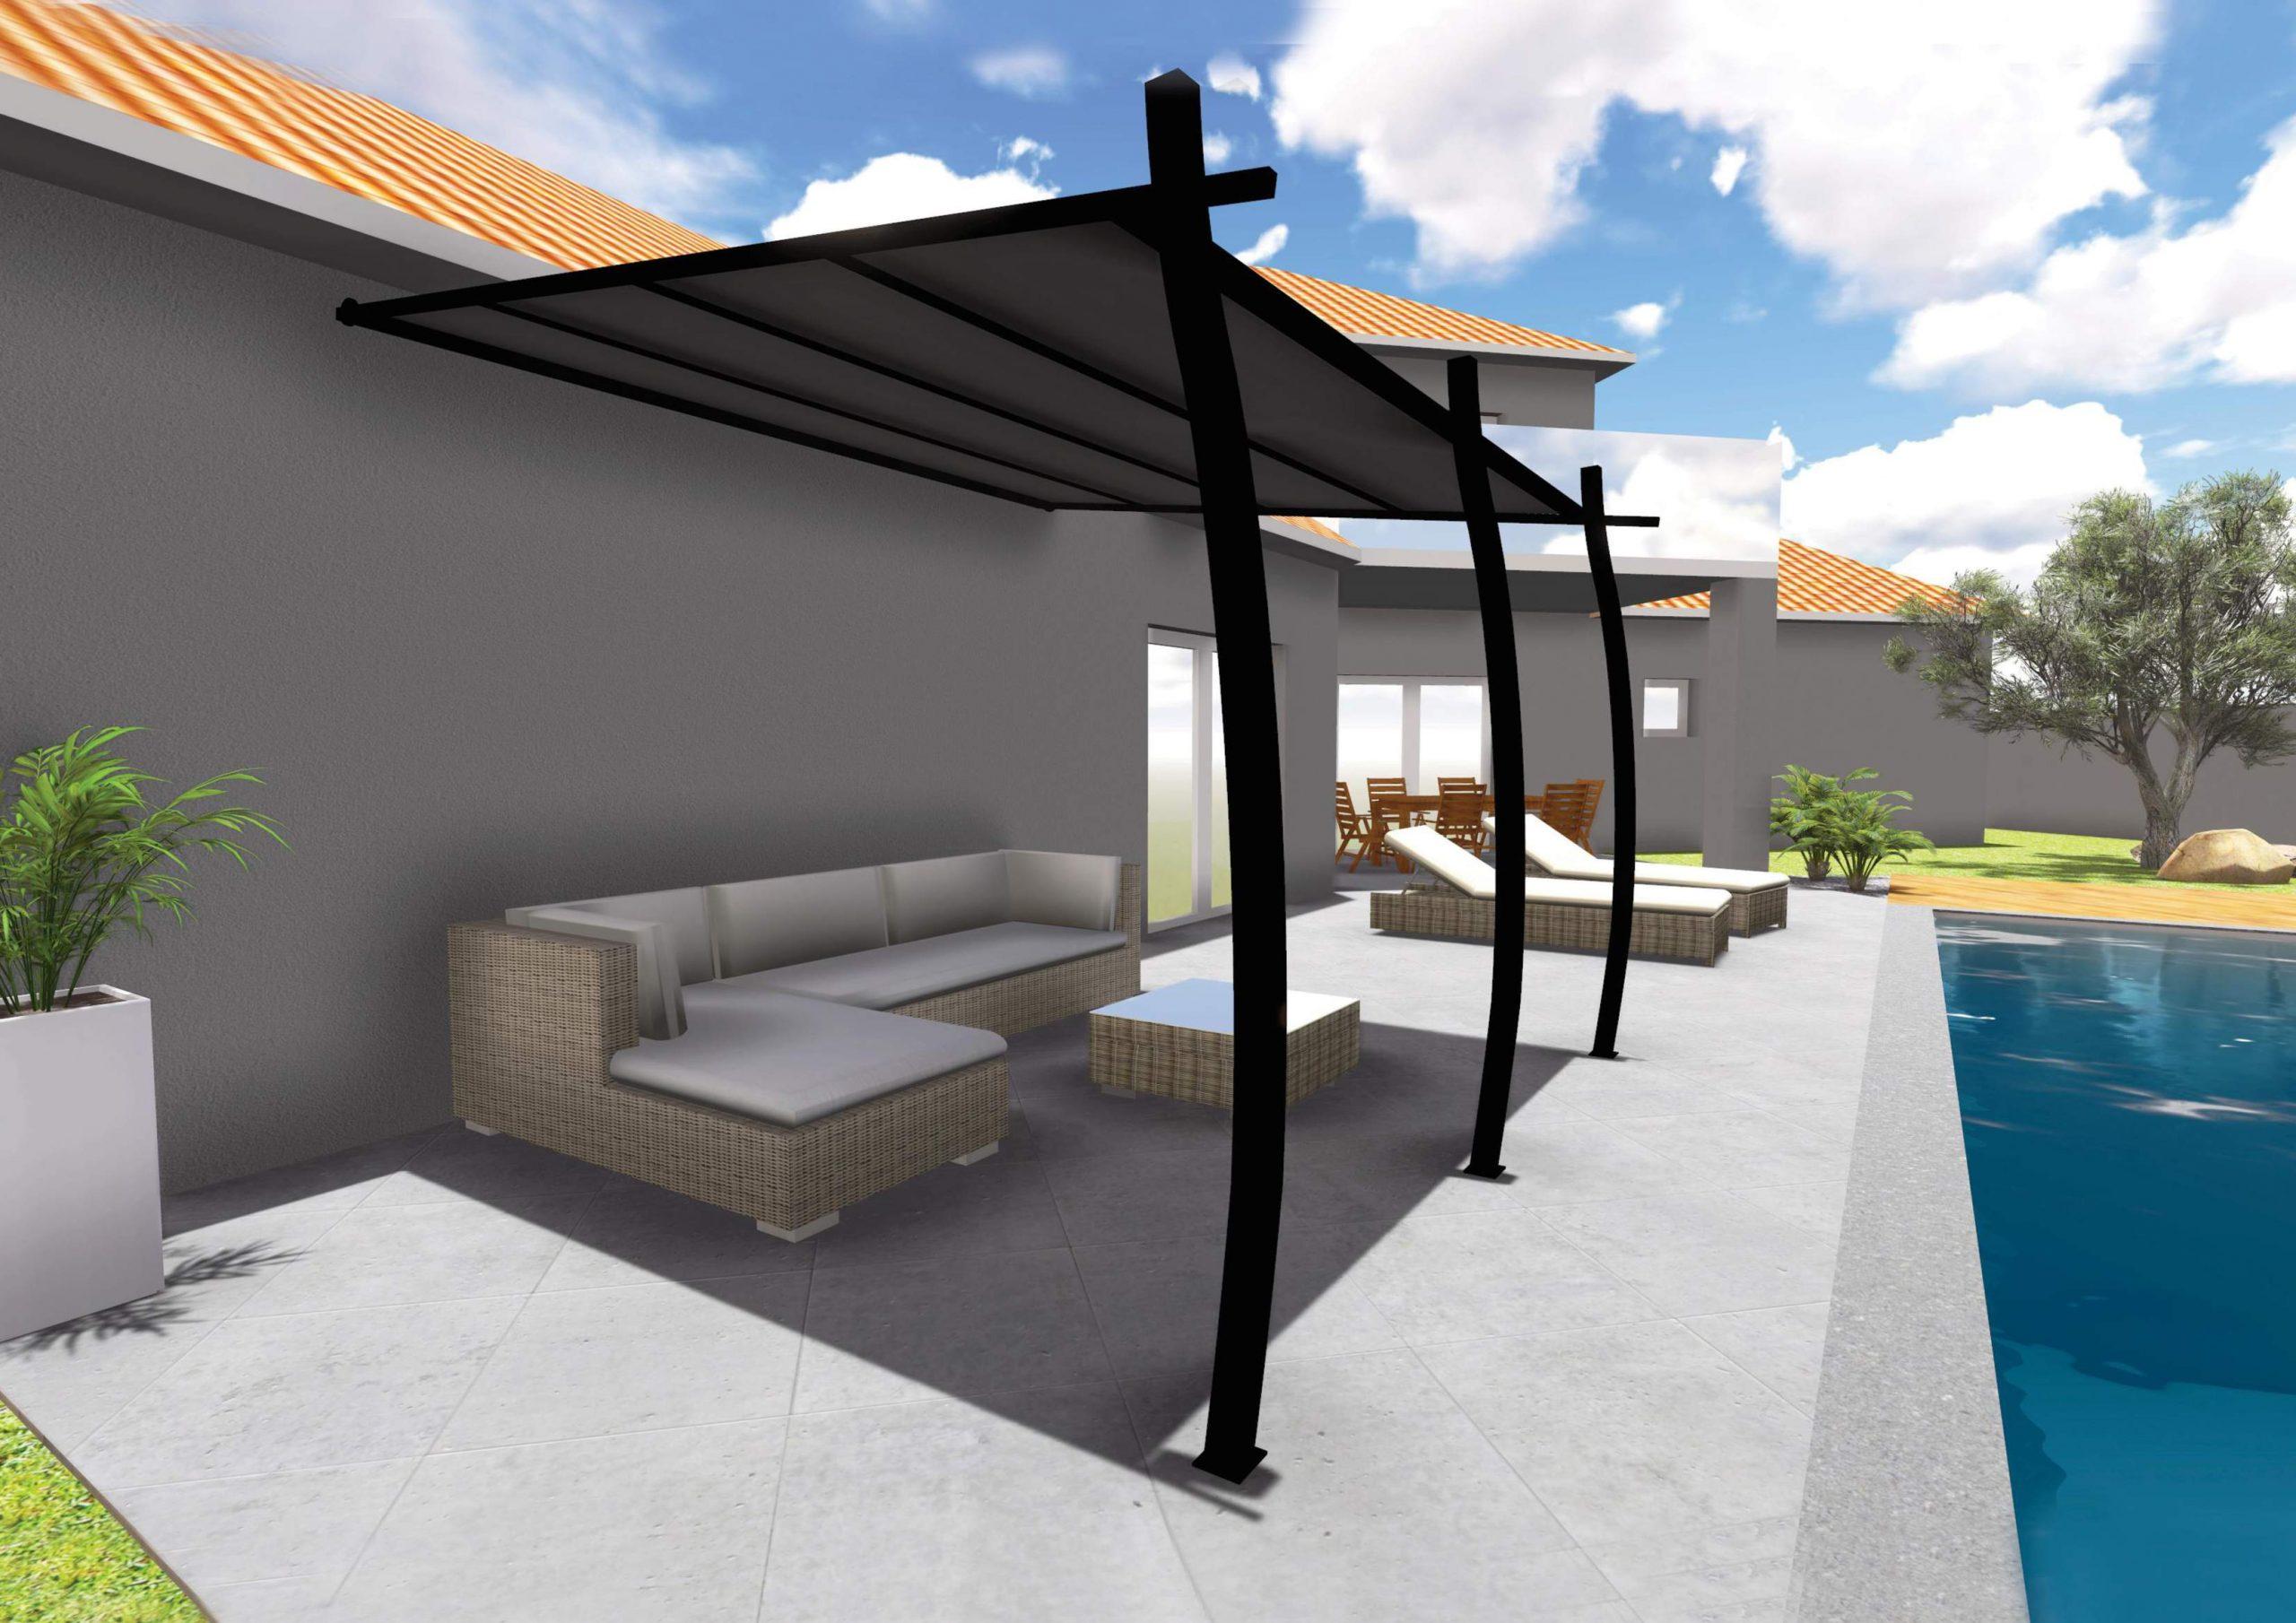 Conseils Pour Couvrir Une Terrasse - Vivons Dehors ... destiné Couvrir Une Terrasse